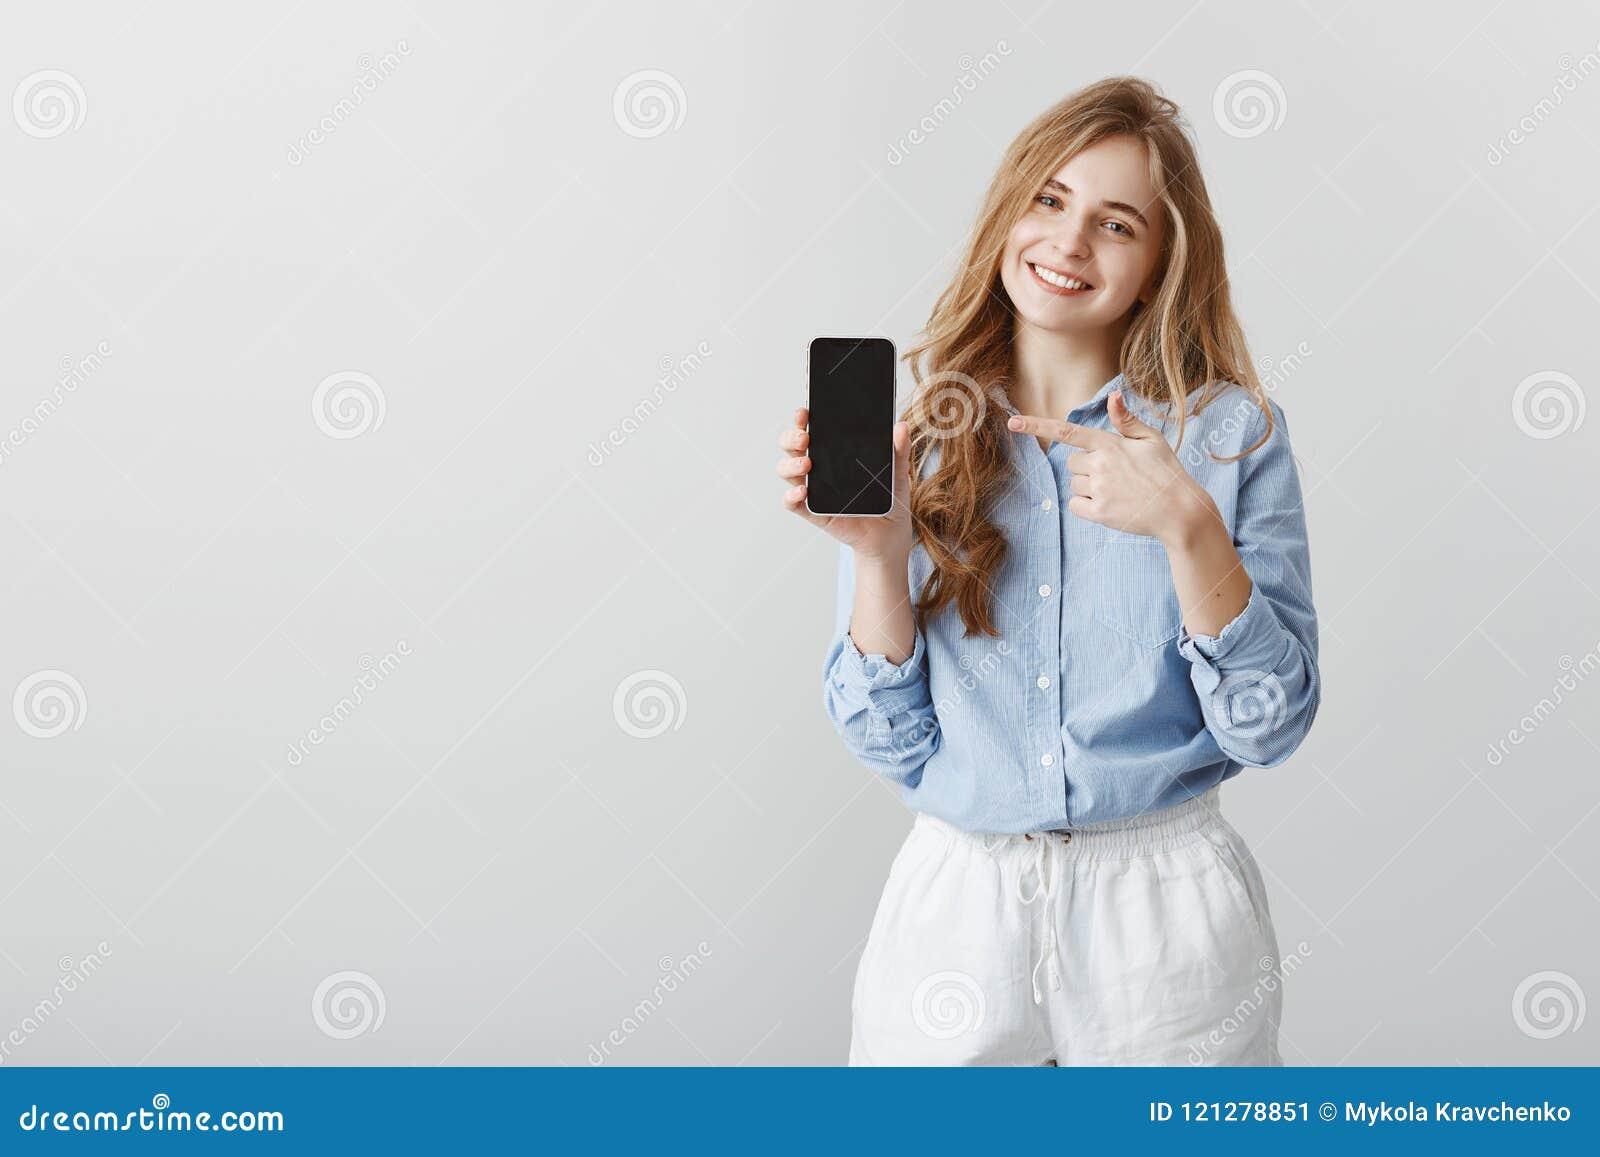 Супер полезный прибор Студия сняла довольной симпатичной студентки с светлыми волосами в рабочей рубашке, показывающ